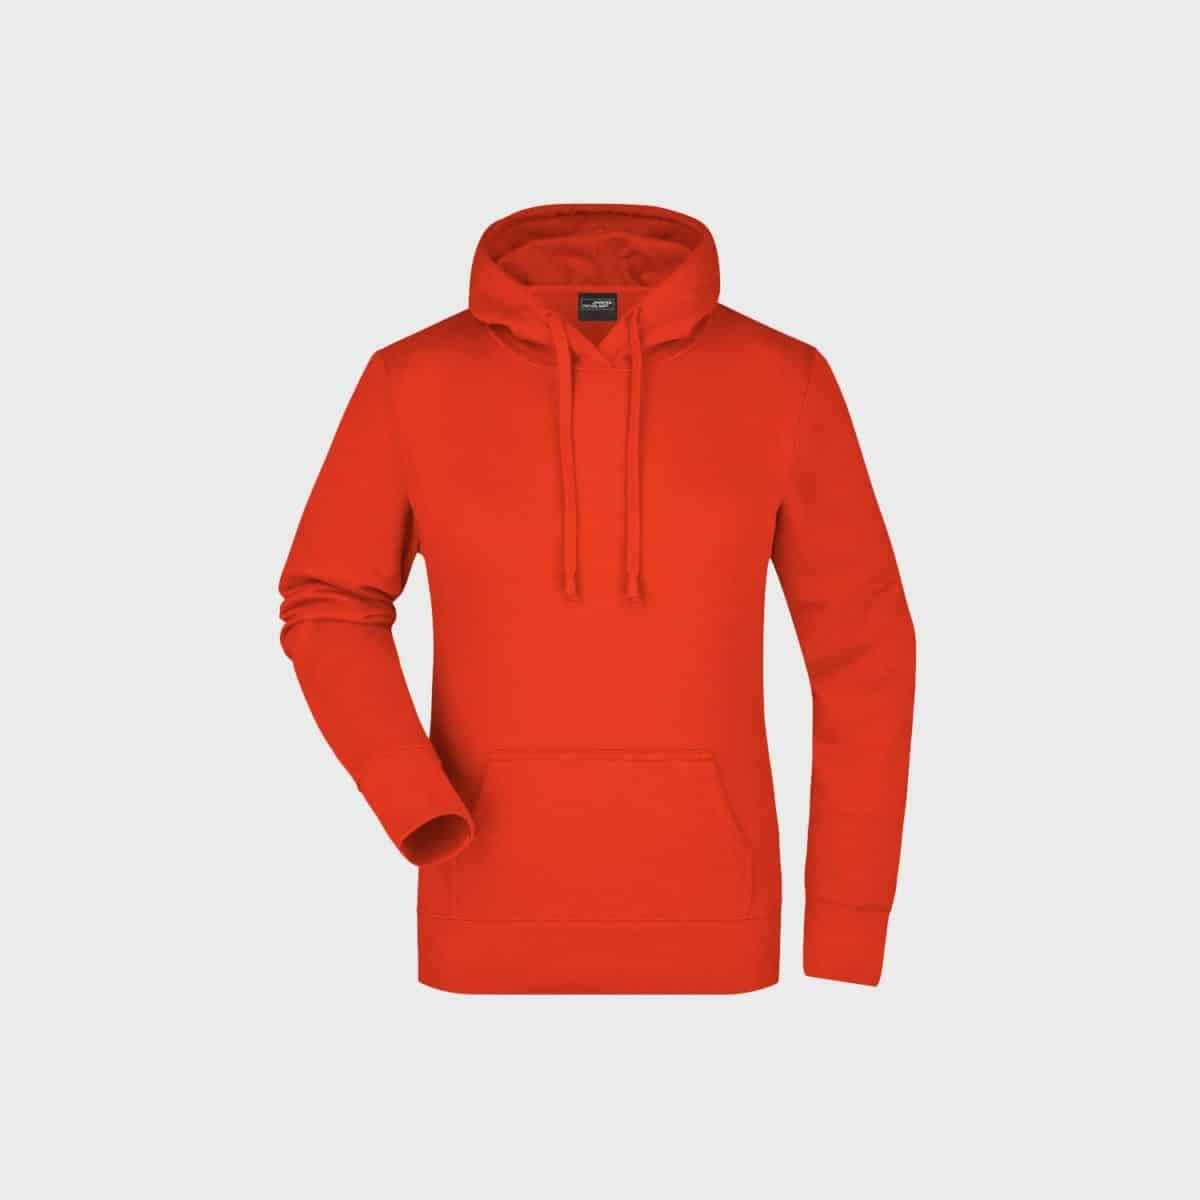 hoodie-damen-grenadine-kaufen-besticken_stickmanufaktur